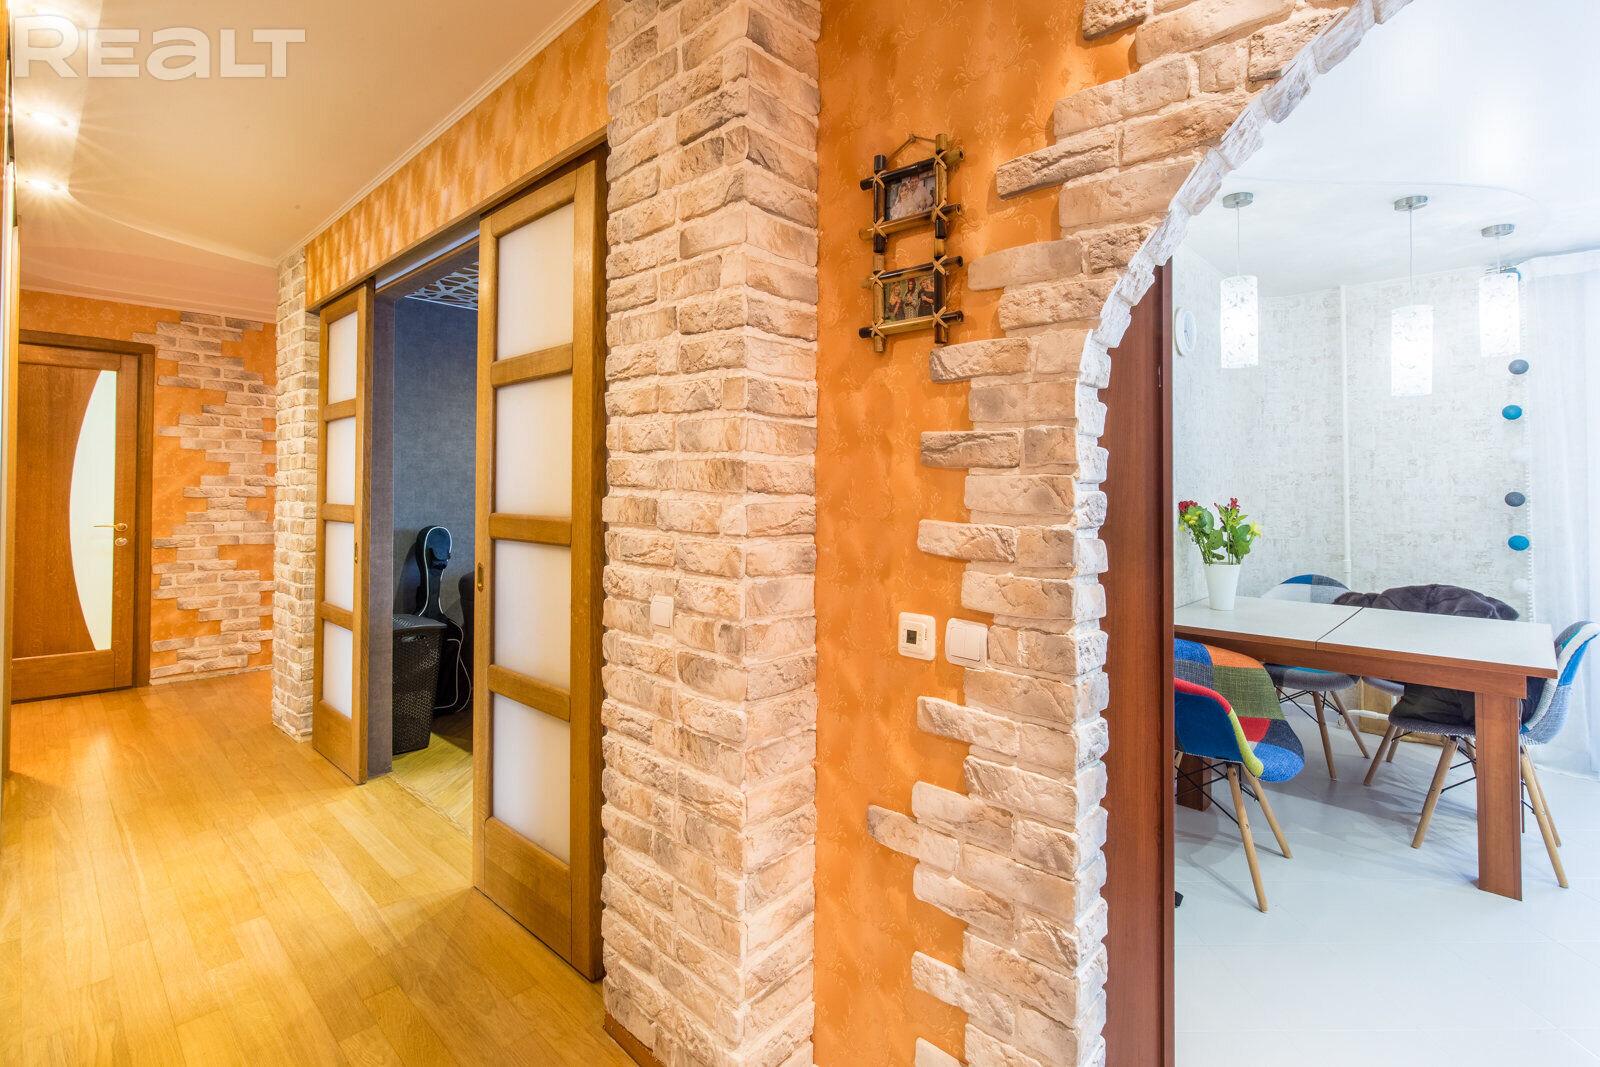 Продаётся 3-х комнатная квартира ул. Скрипникова, д. 34